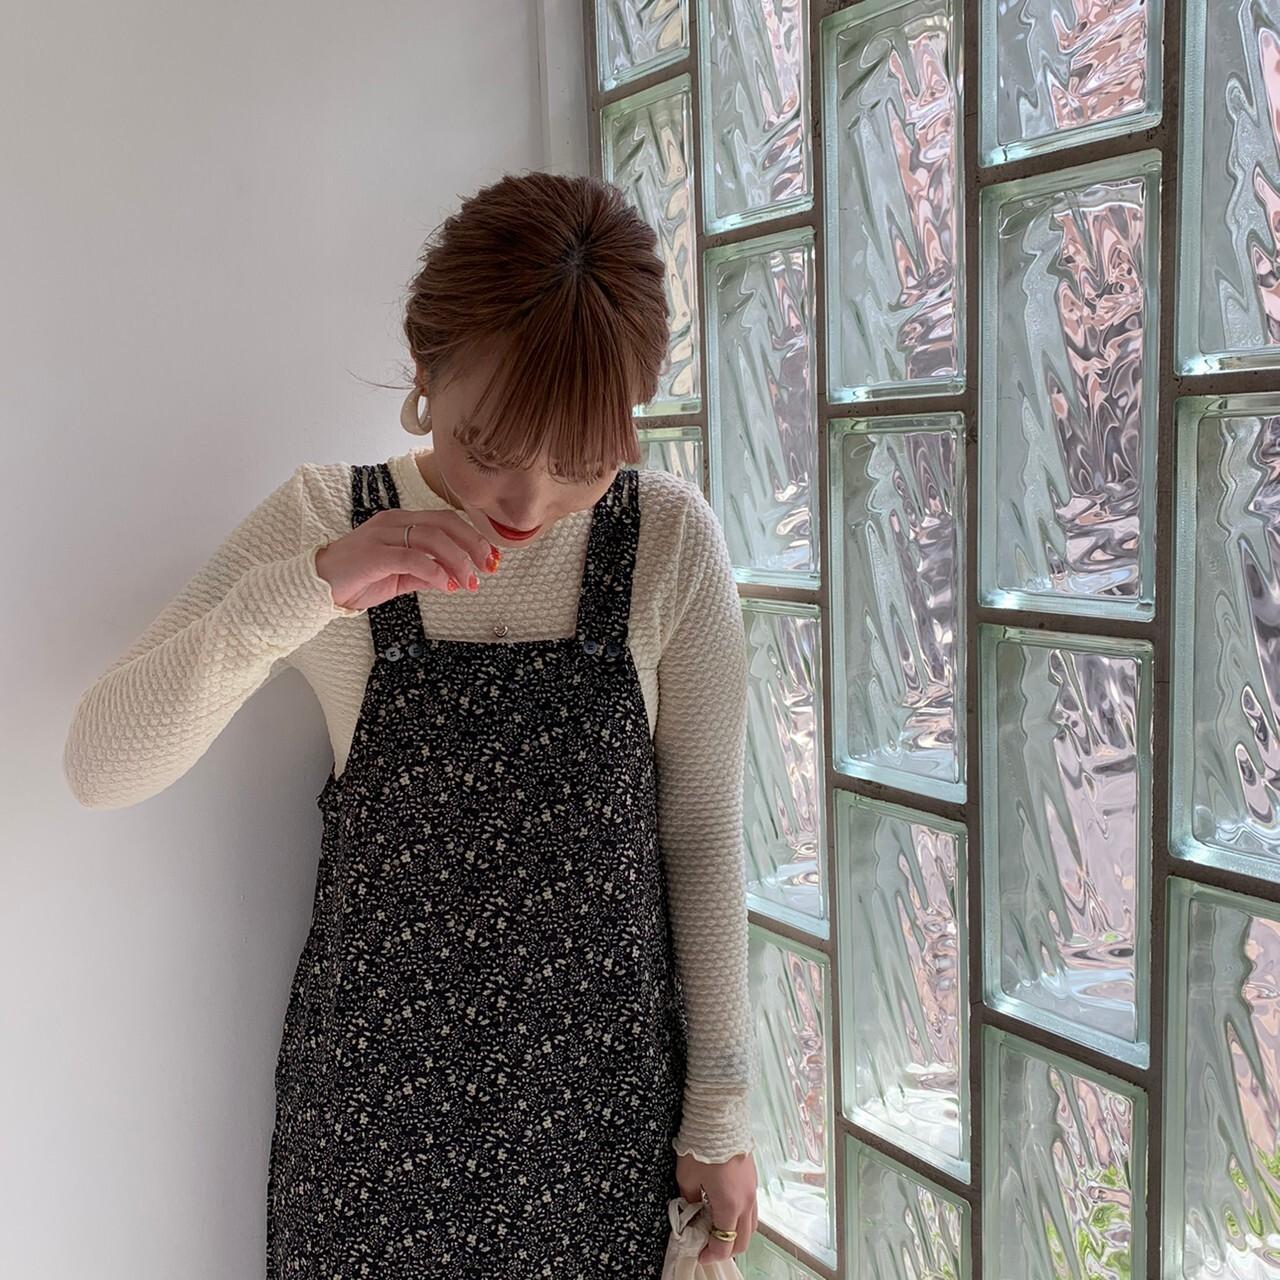 【asyu】flower salopette one-piece